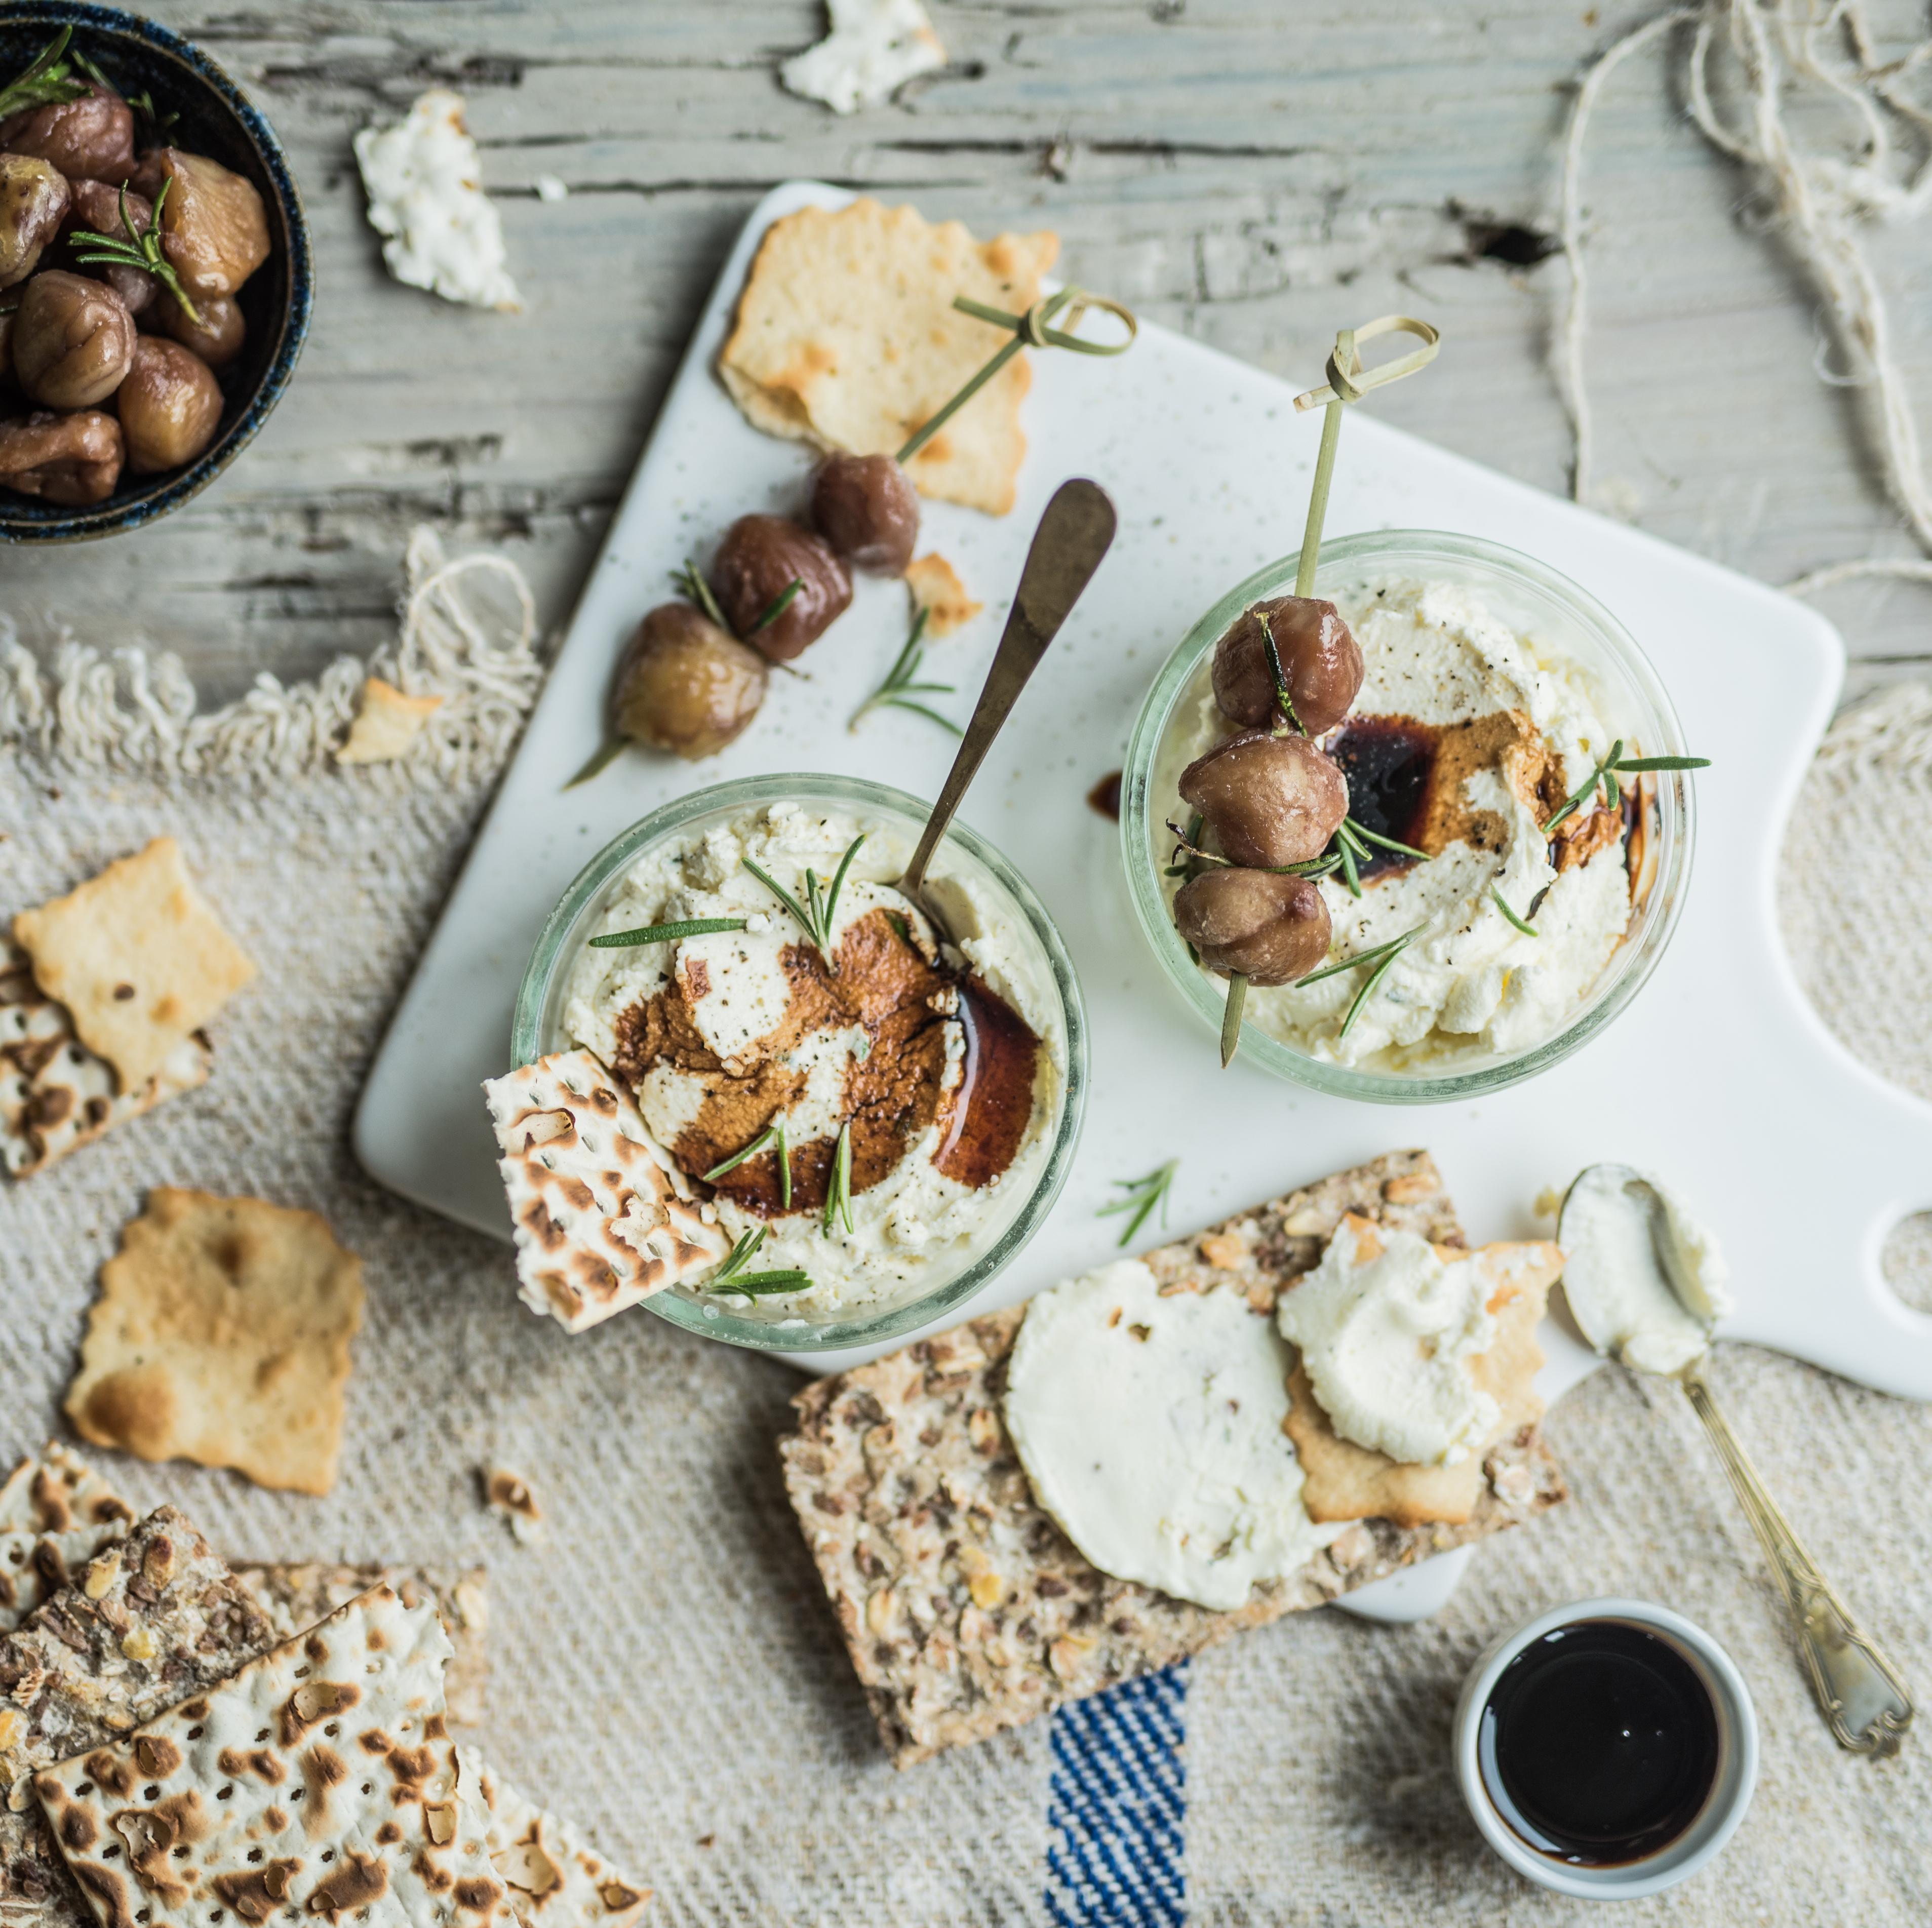 Verrines de mousse mascarpone, brochettes de châtaignes rôties et Vinaigre Balsamique de Modène IGP